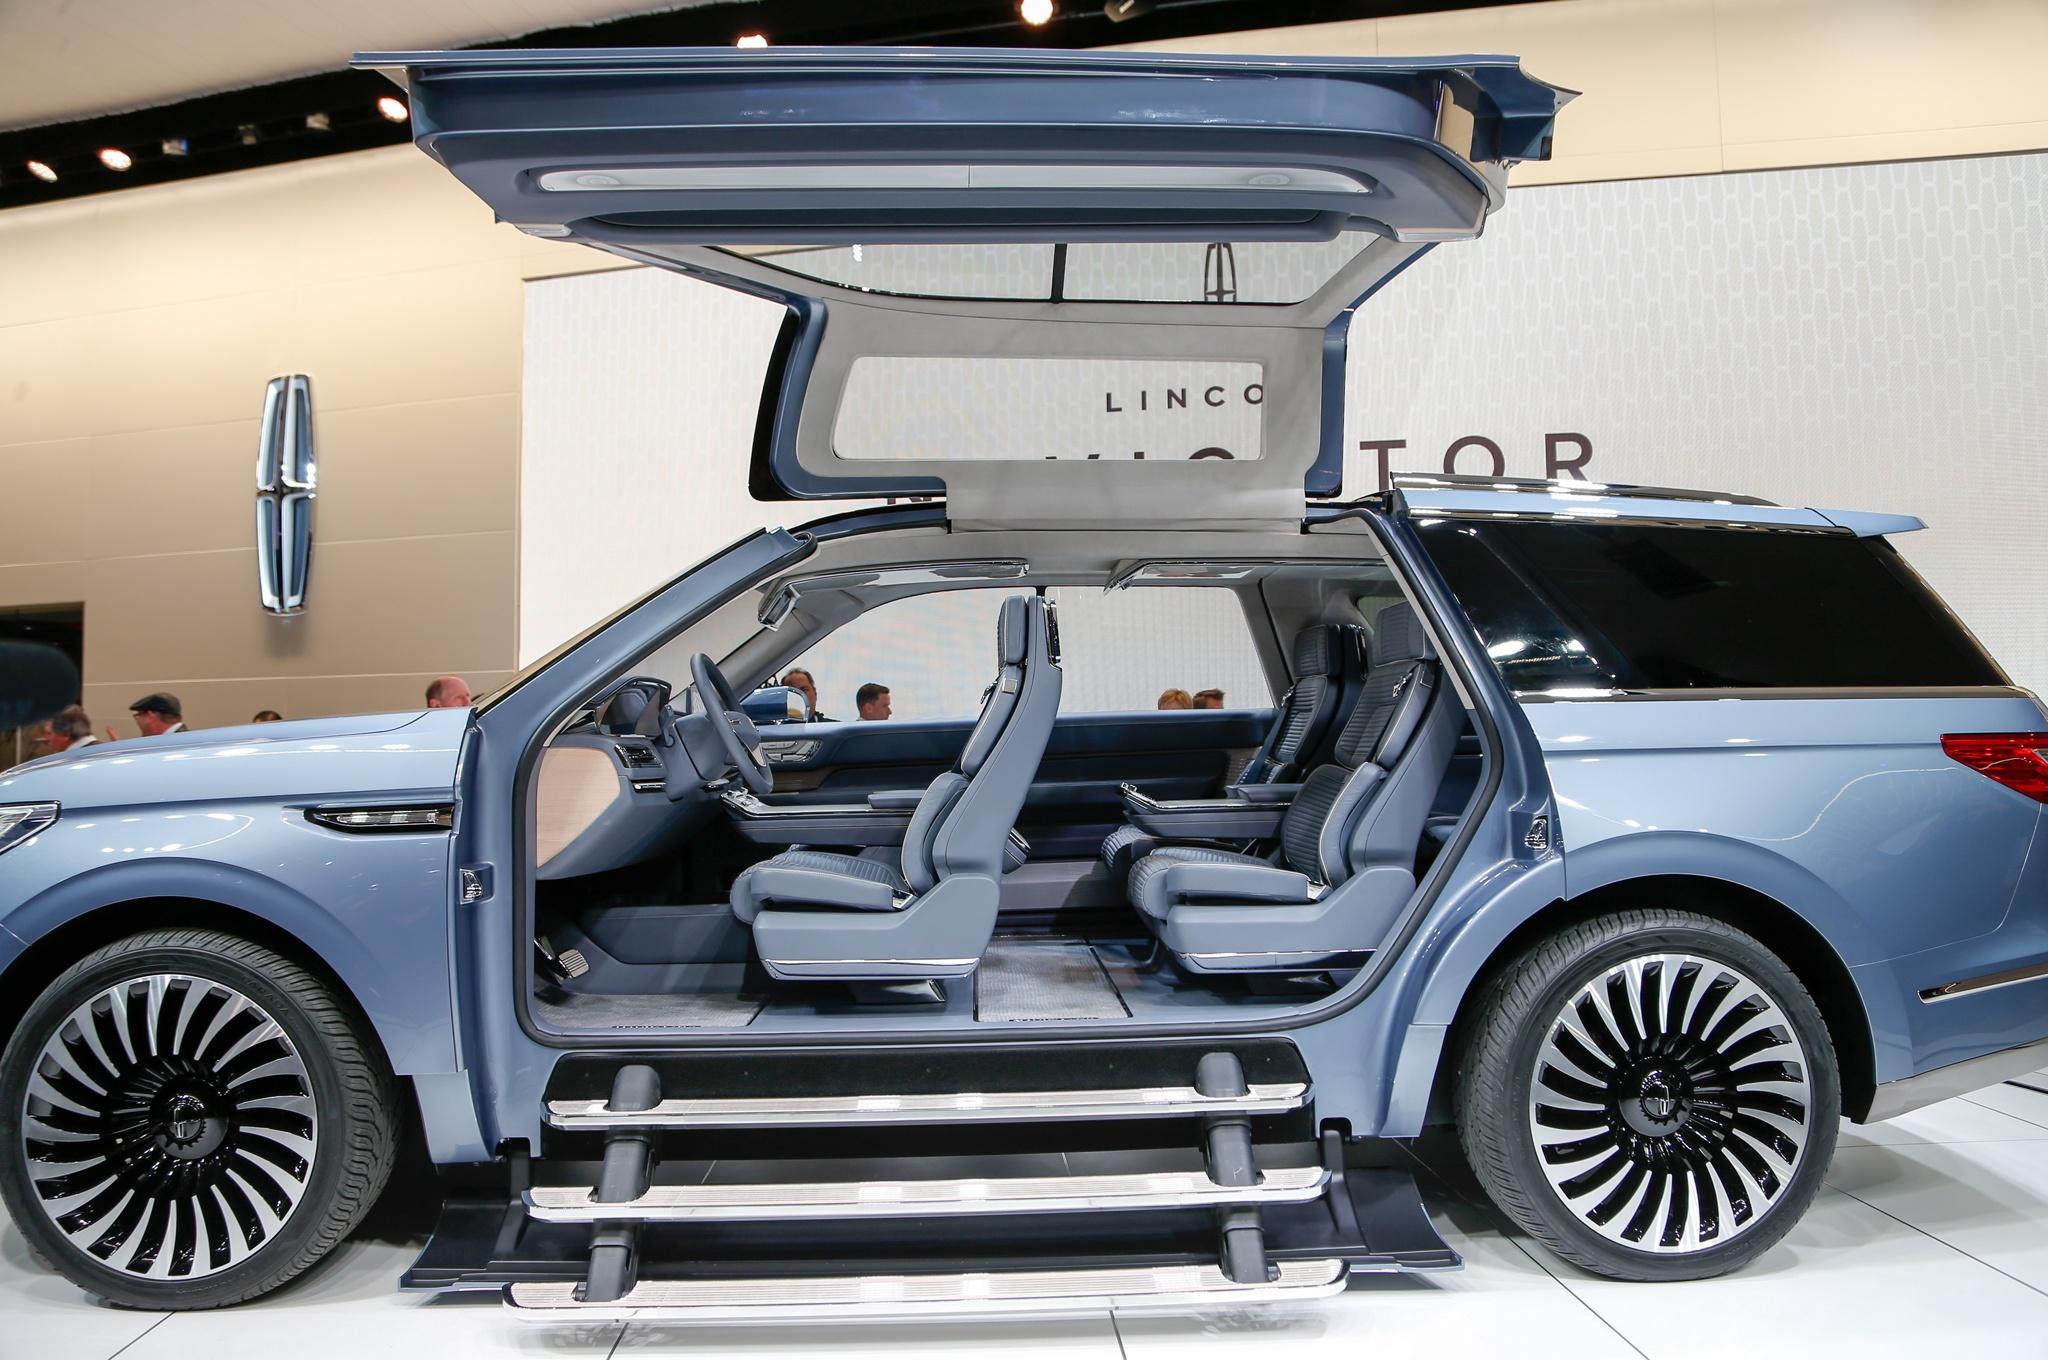 Lincoln-Navigator-concept-on-show-floor-gullwing-doors-open.jpg